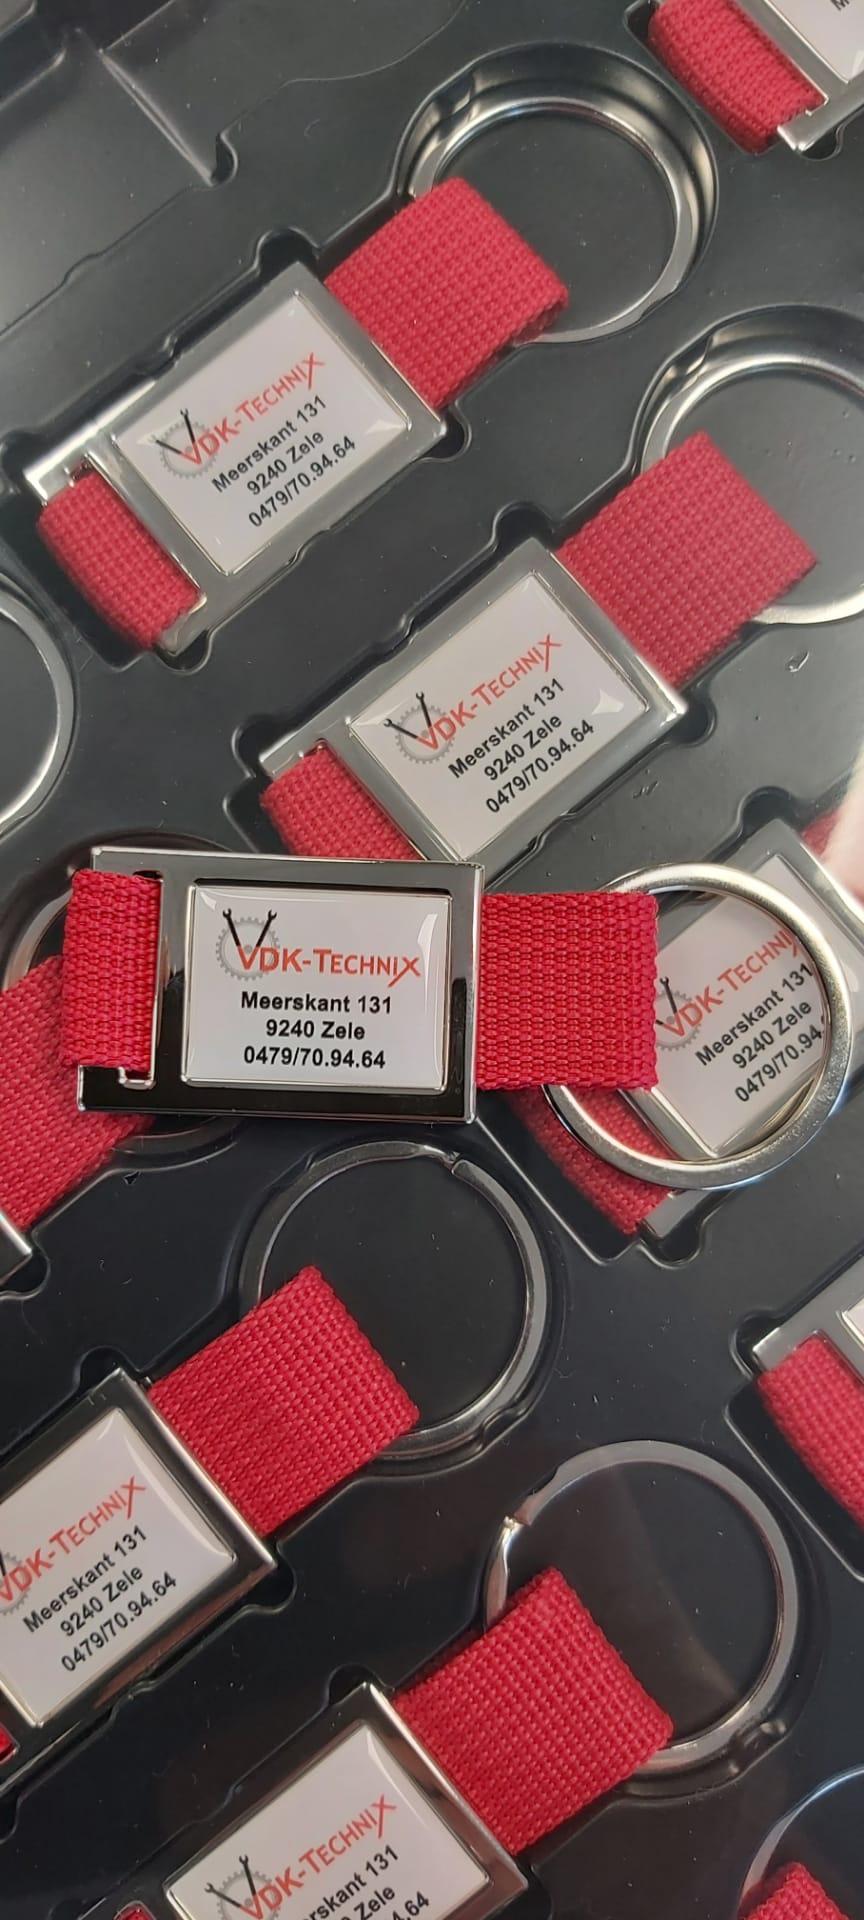 sleutelhanger VDK Technix